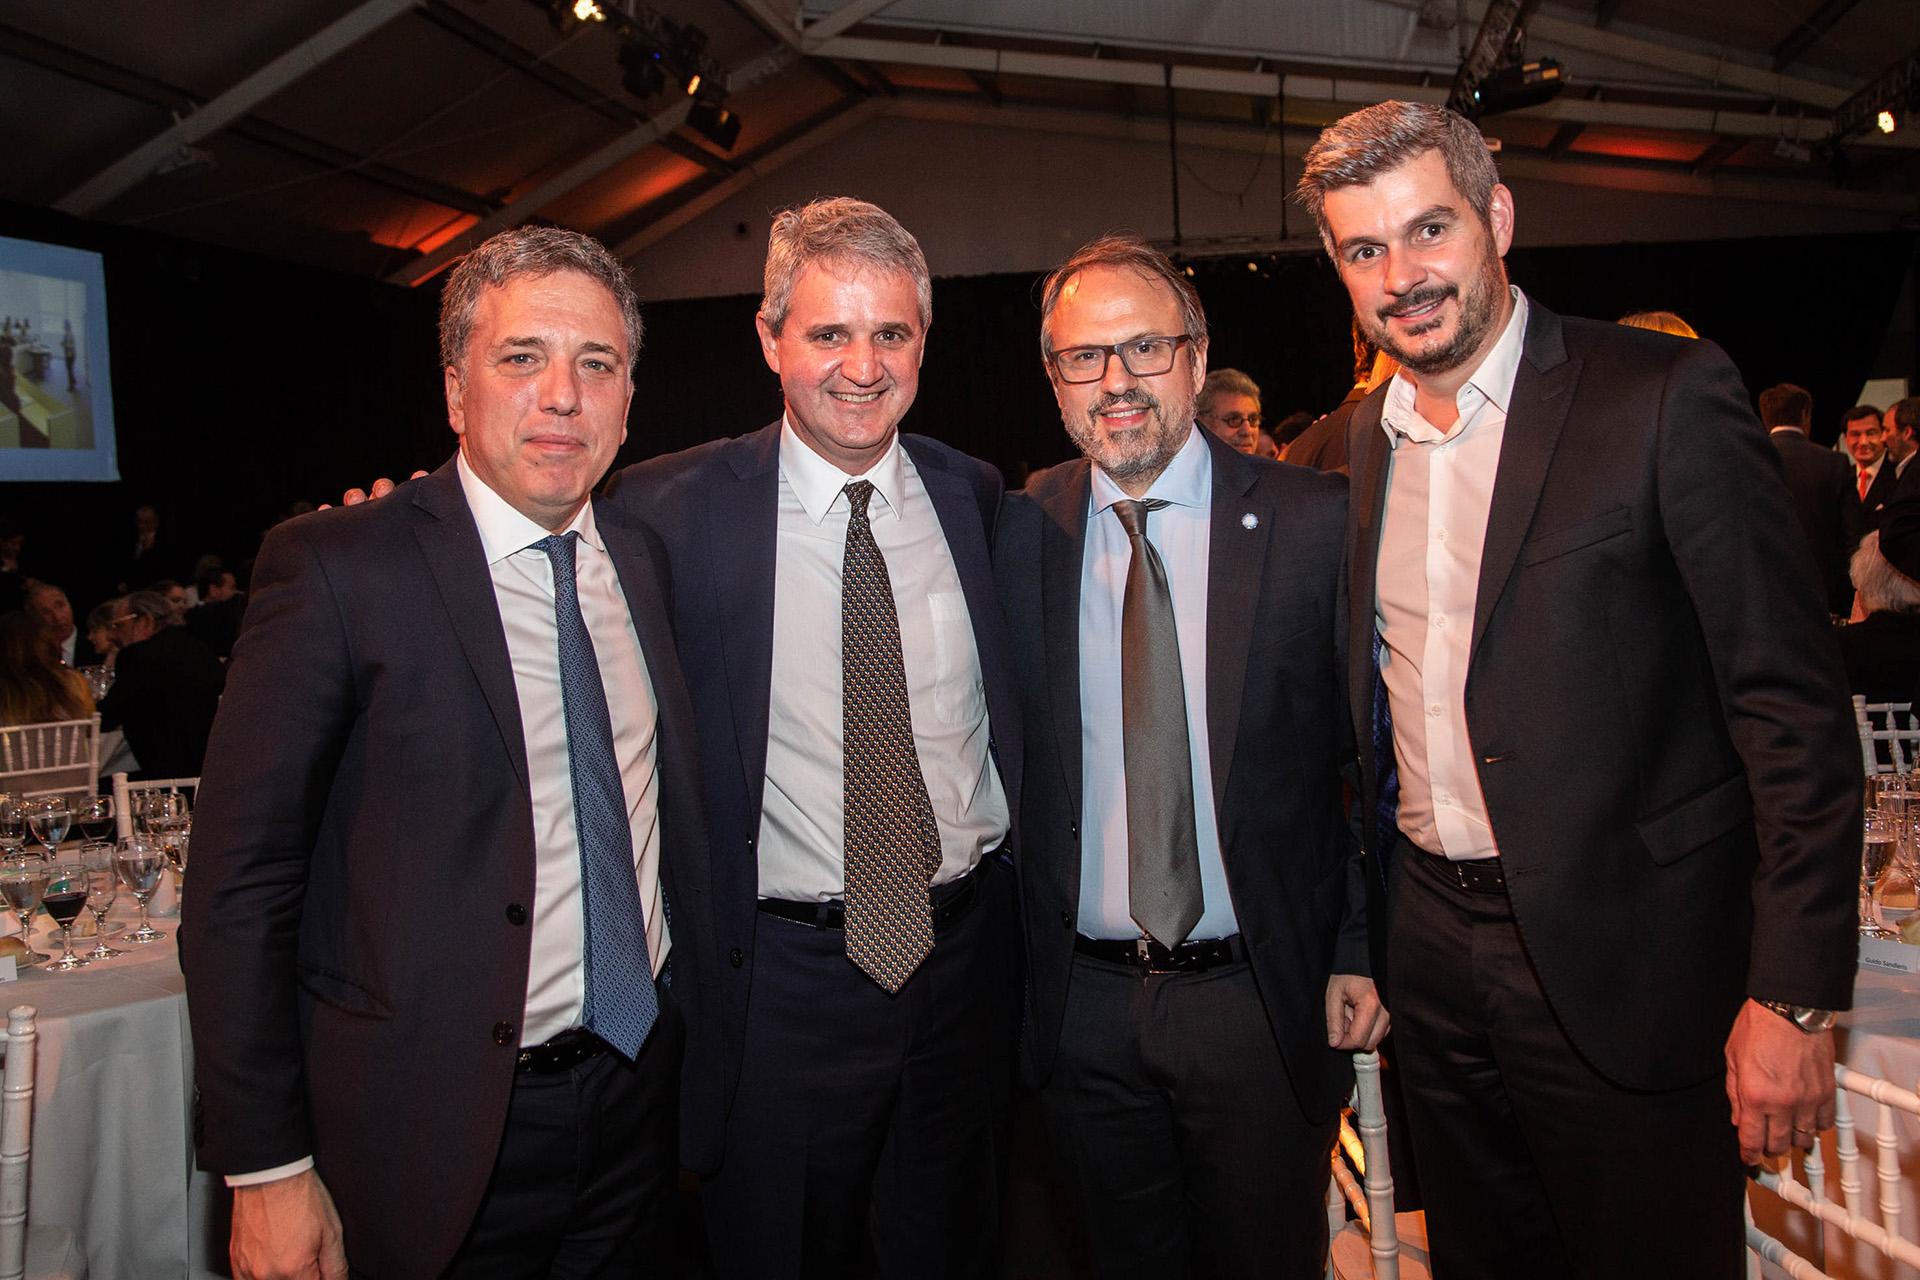 Nicolás Dujovne, Juan José Cruces, Diego Valenzuela y Marcos Peña